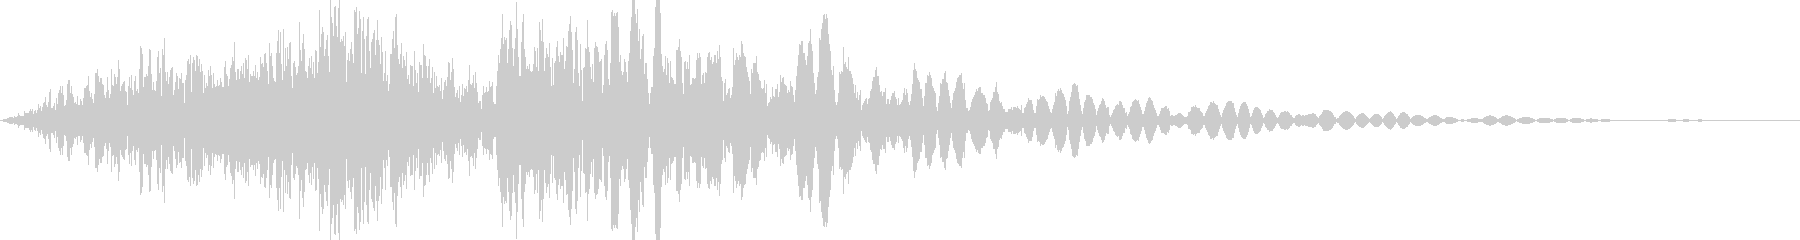 格闘ゲーム キック動作音有り ステップ1の未再生の波形